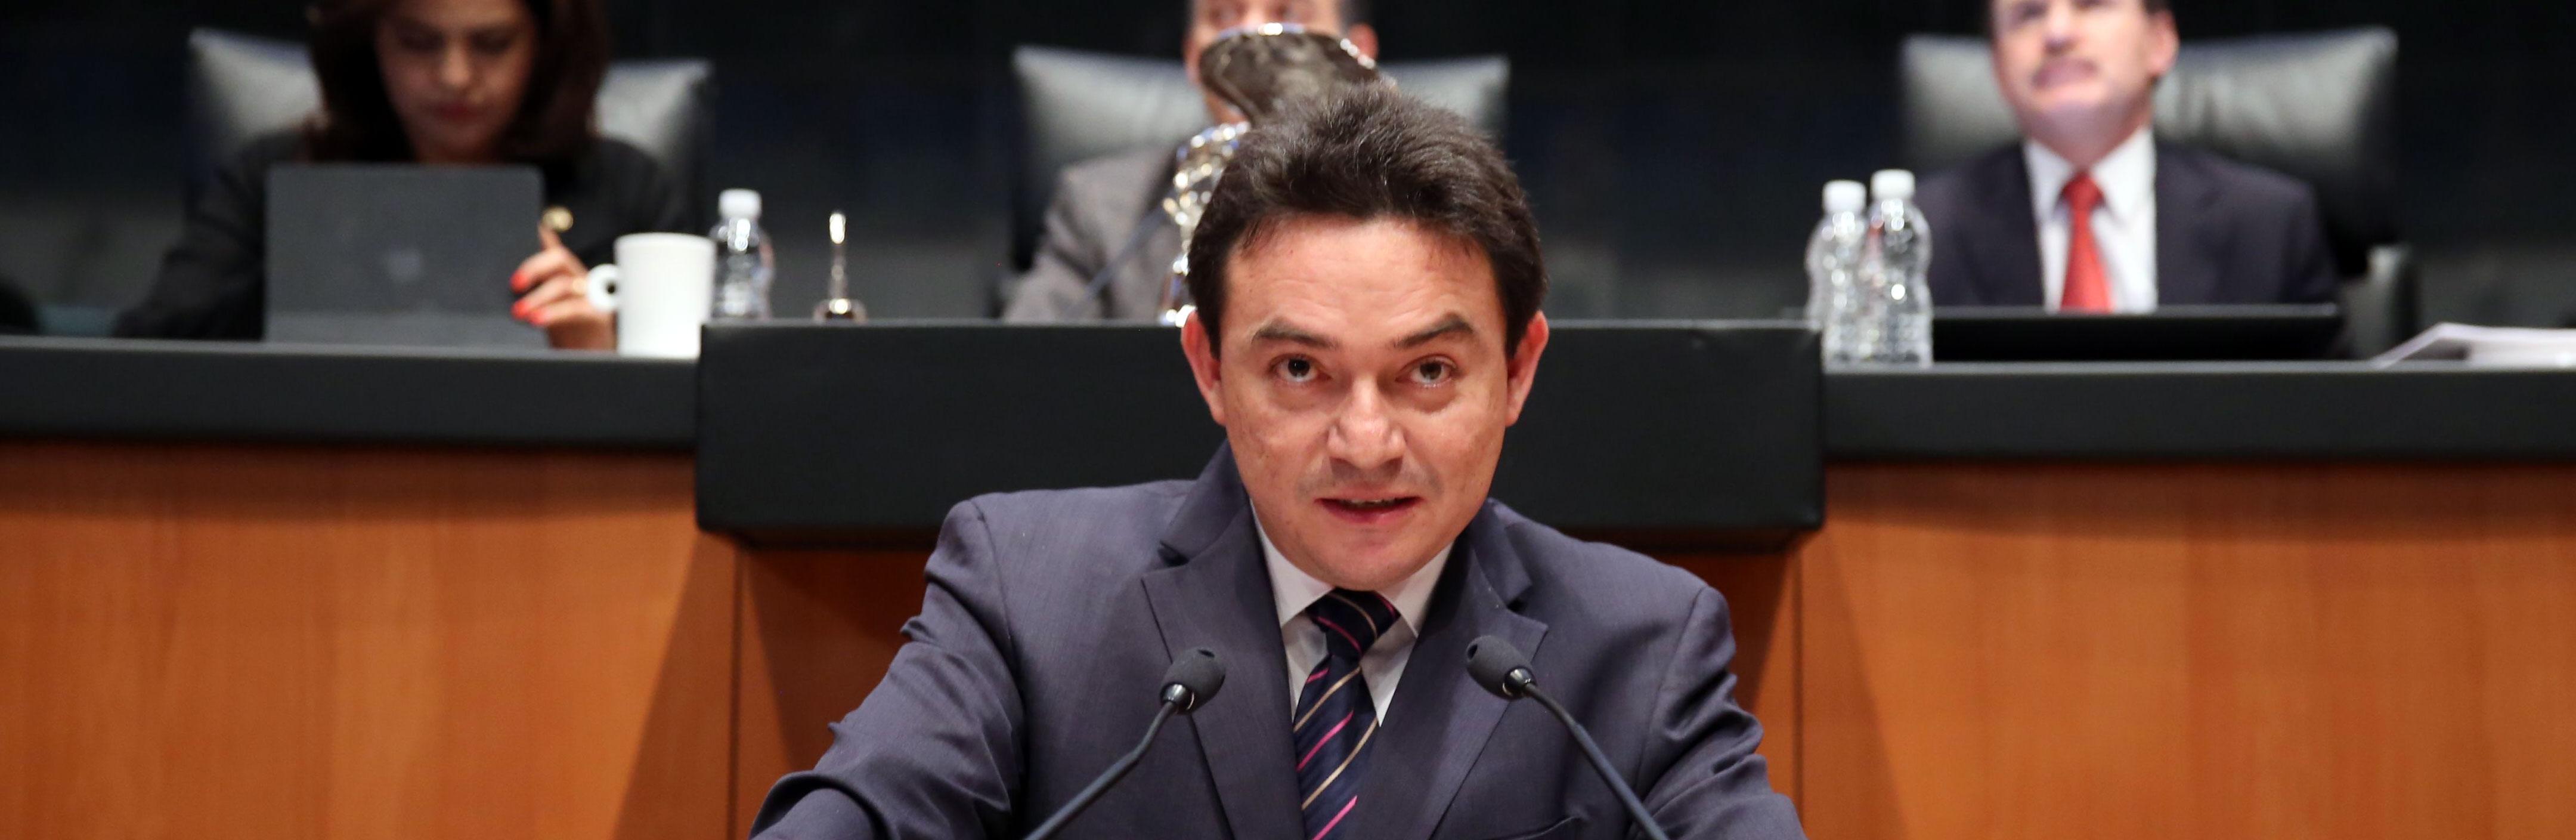 Daniel Ávila Ruiz - Coutas al PAN